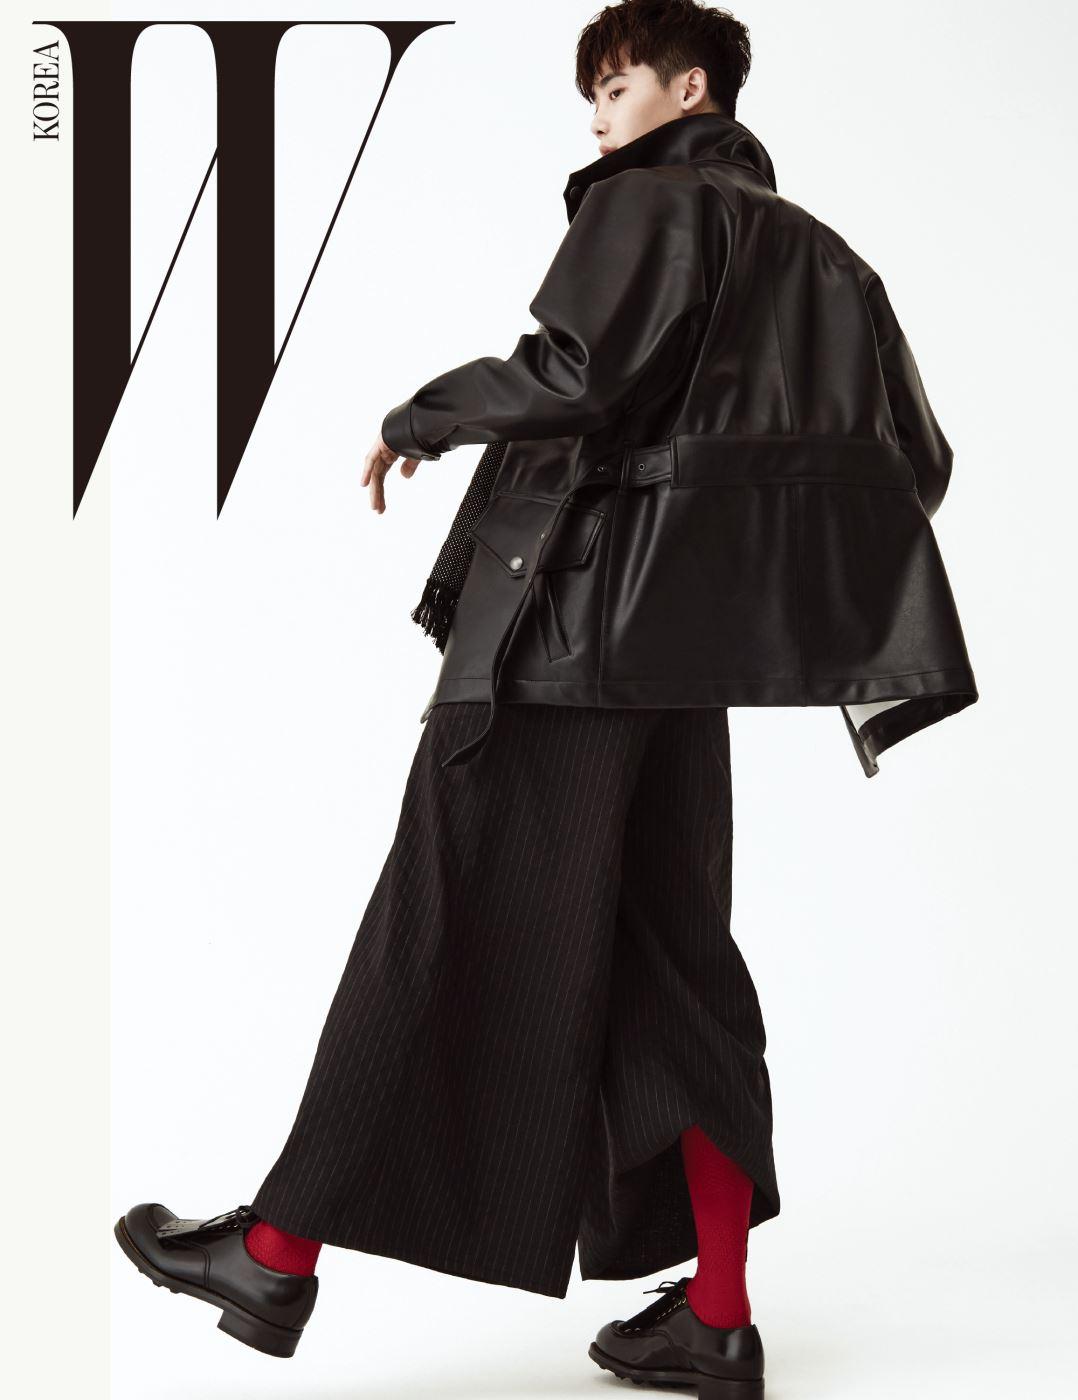 검정 가죽 재킷은 Bottega Veneta, 스카프는 Saint Laurent, 와이드 팬츠는 Caruso, 붉은색 양말과 슈즈는 Gucci 제품.